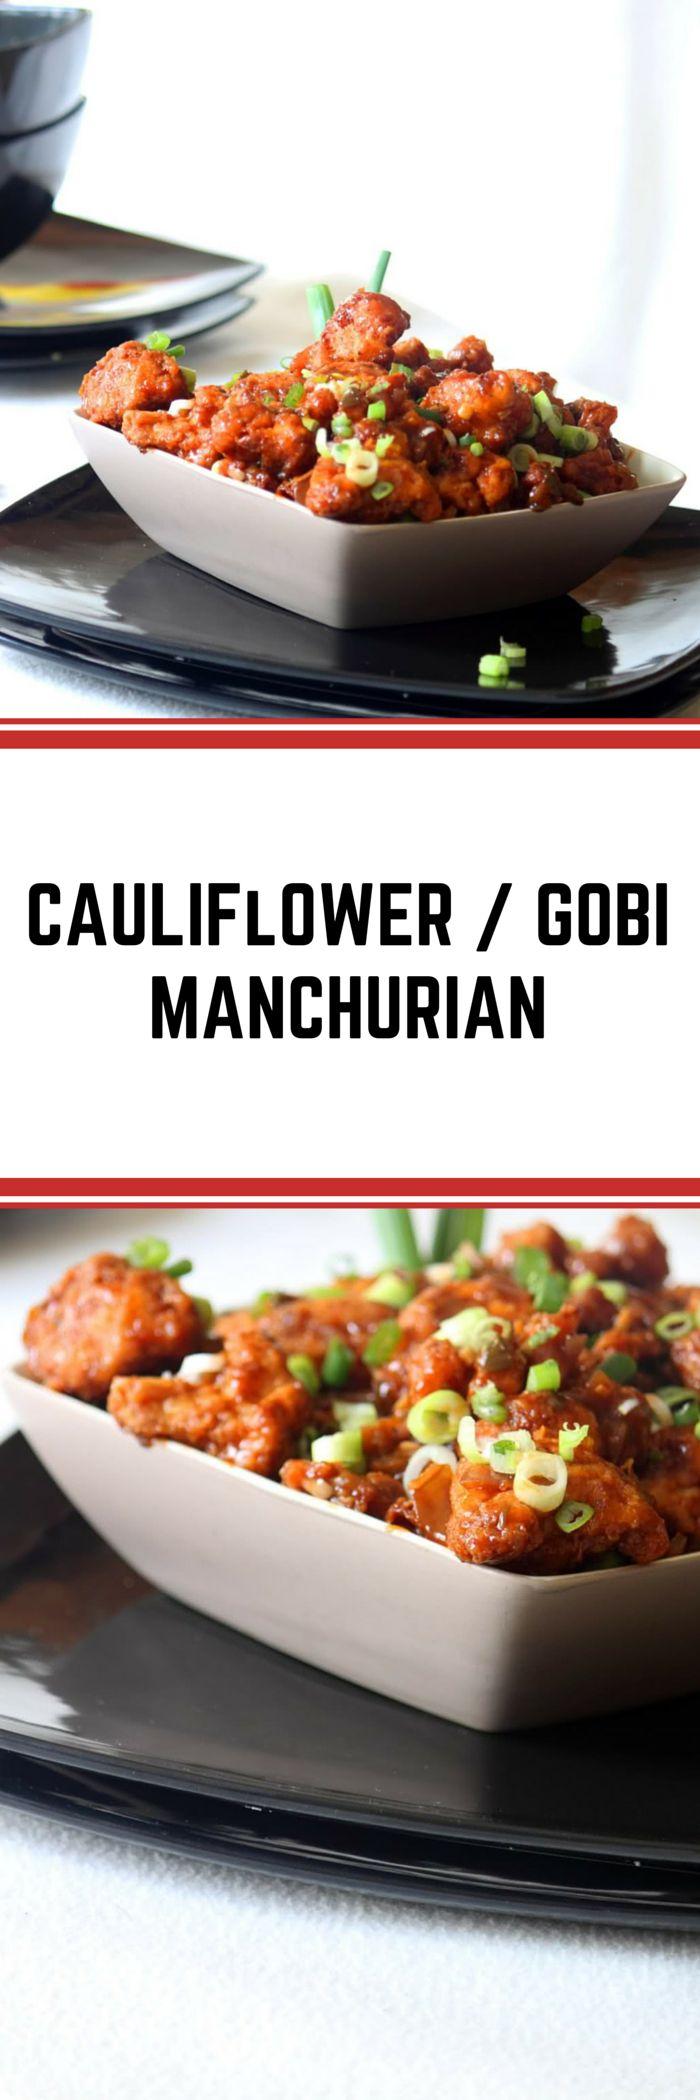 CAULIFLOWER/ GOBI MANCHURIAN - THE INDO CHINESE STARTER